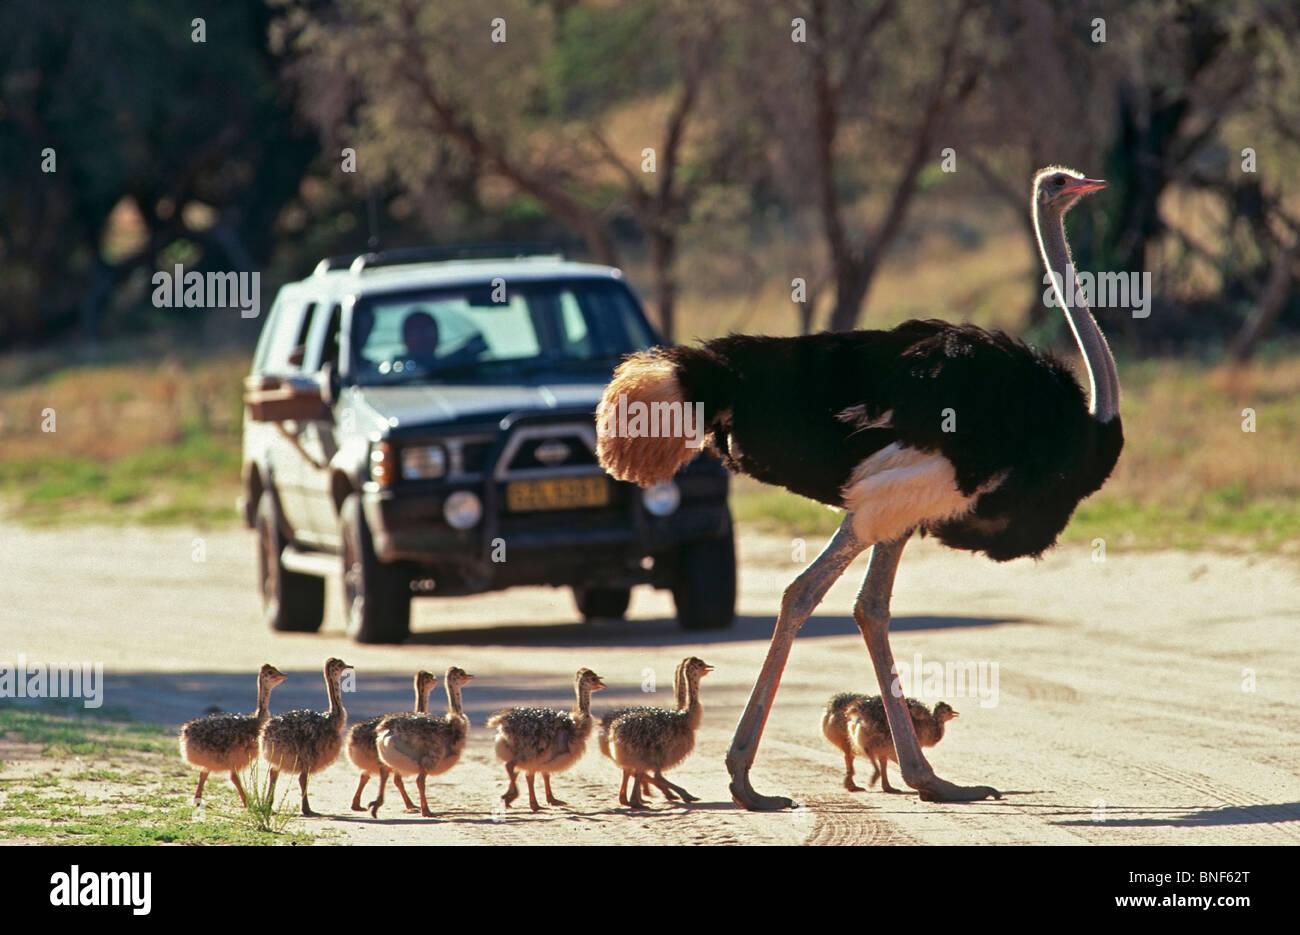 Nahaufnahme von gemeinsamen Strauß (Struthio Camelus) und Küken beim Überqueren einer Straße, Stockbild